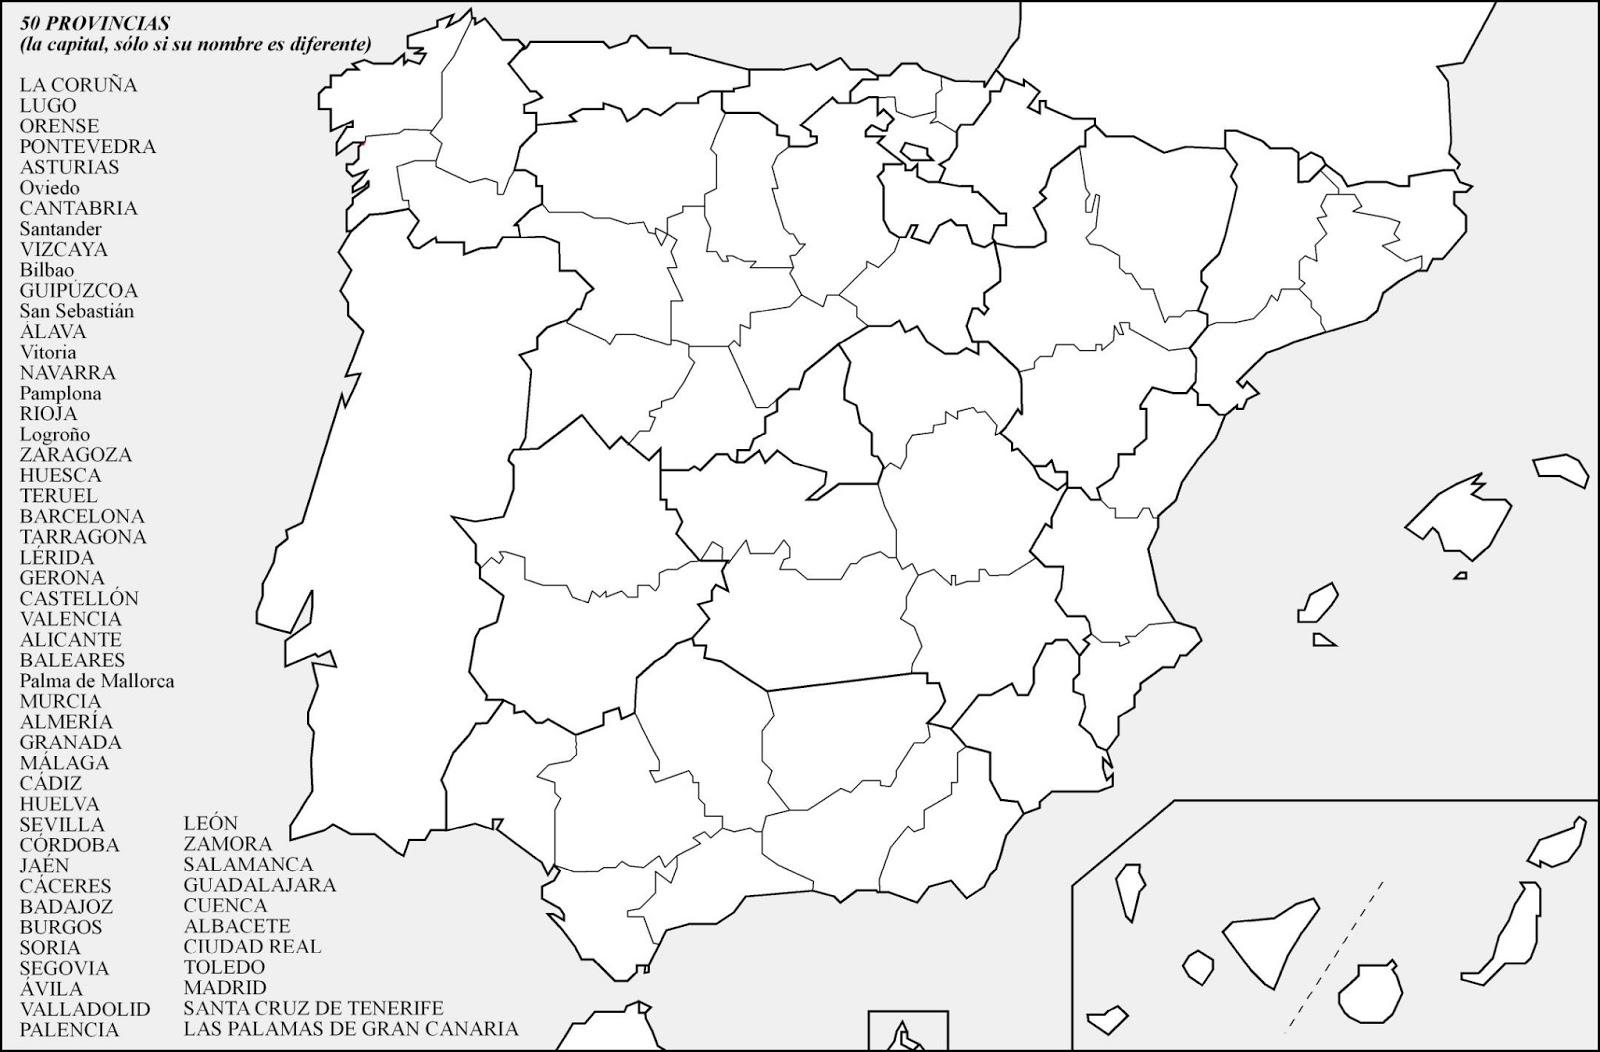 Atlas Geografico Espana Fisica Mudo Con Nombres